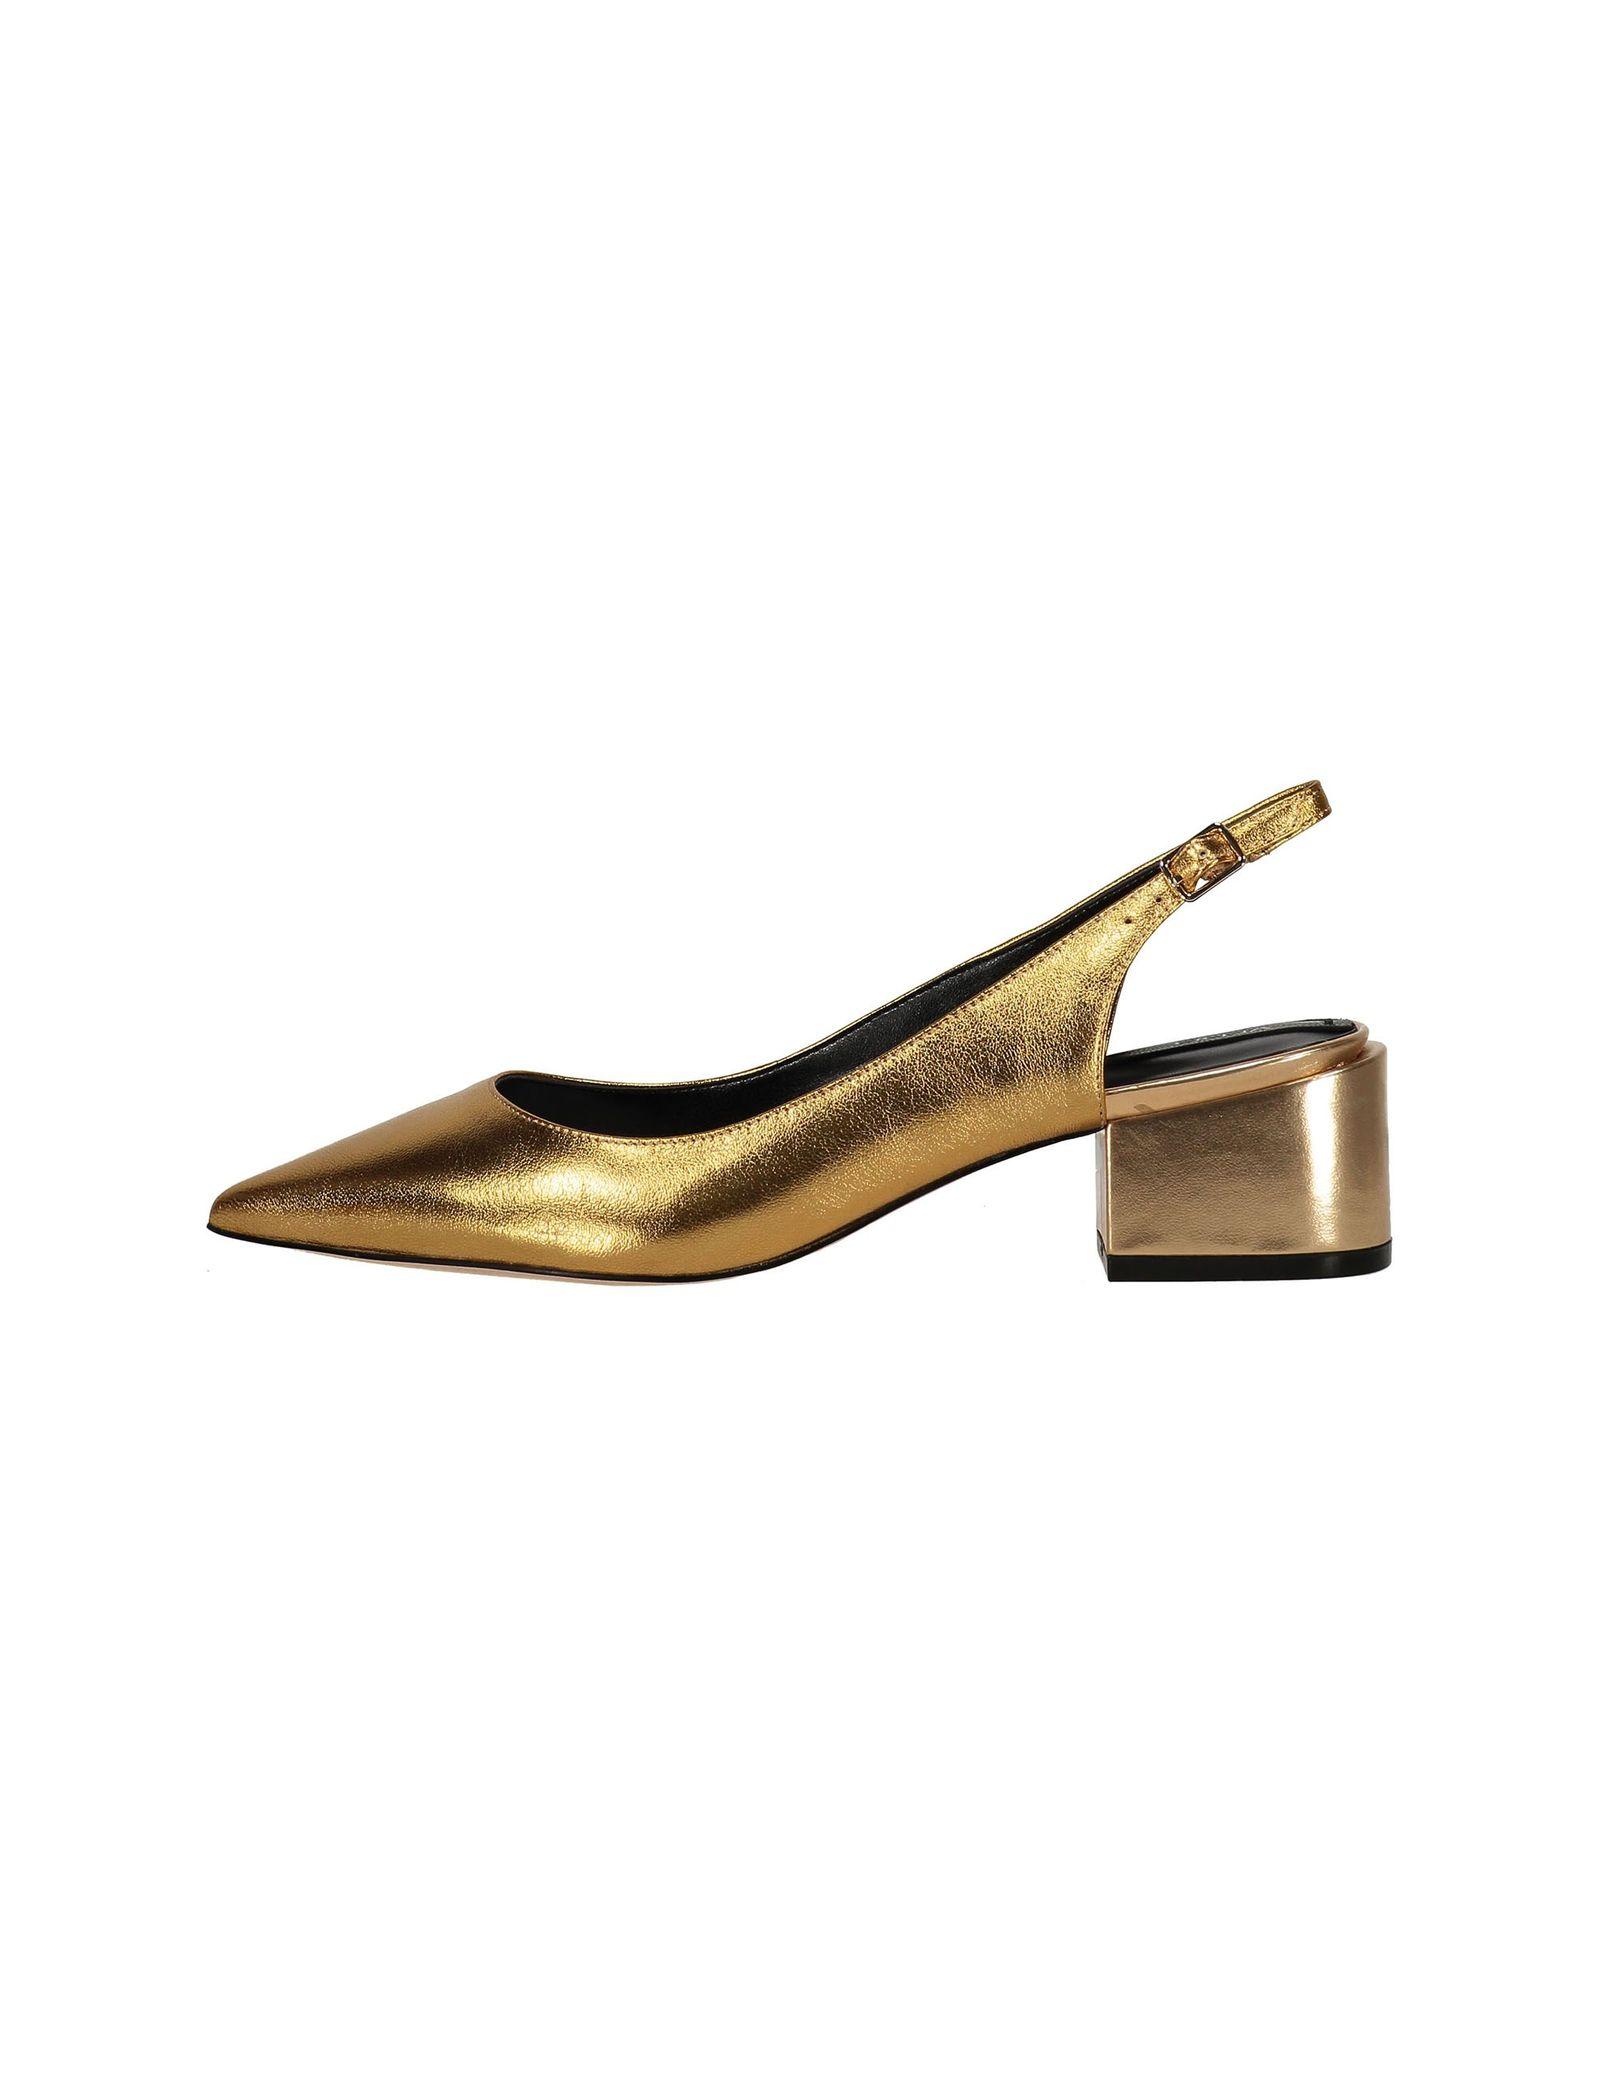 کفش پاشنه بلند چرم زنانه - آلدو - طلايي - 2